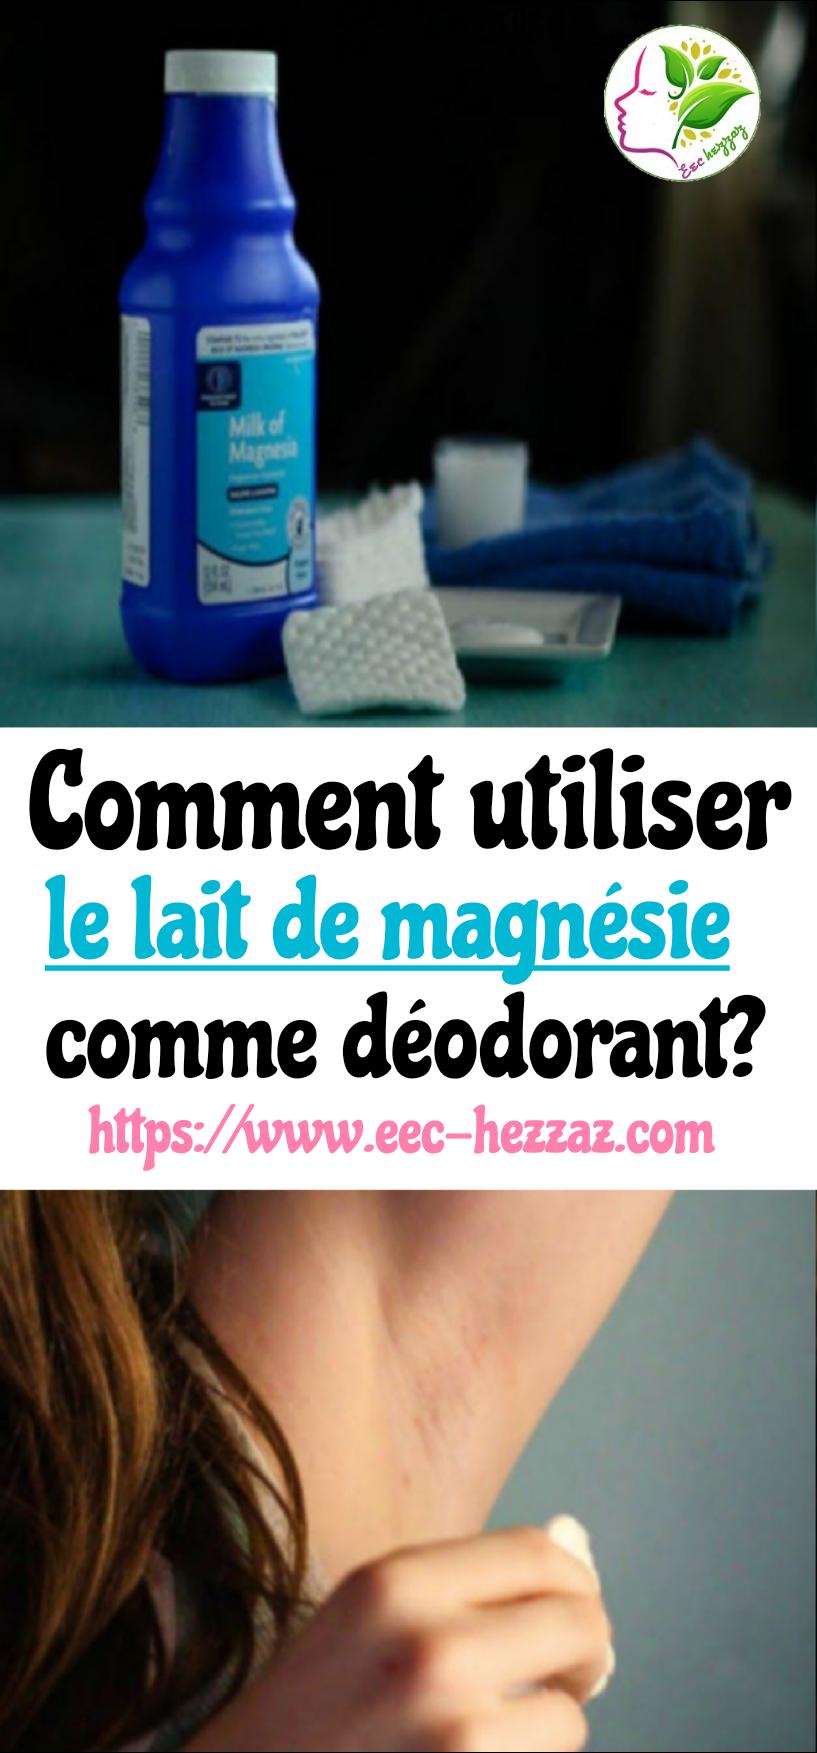 Comment utiliser le lait de magnésie comme déodorant?